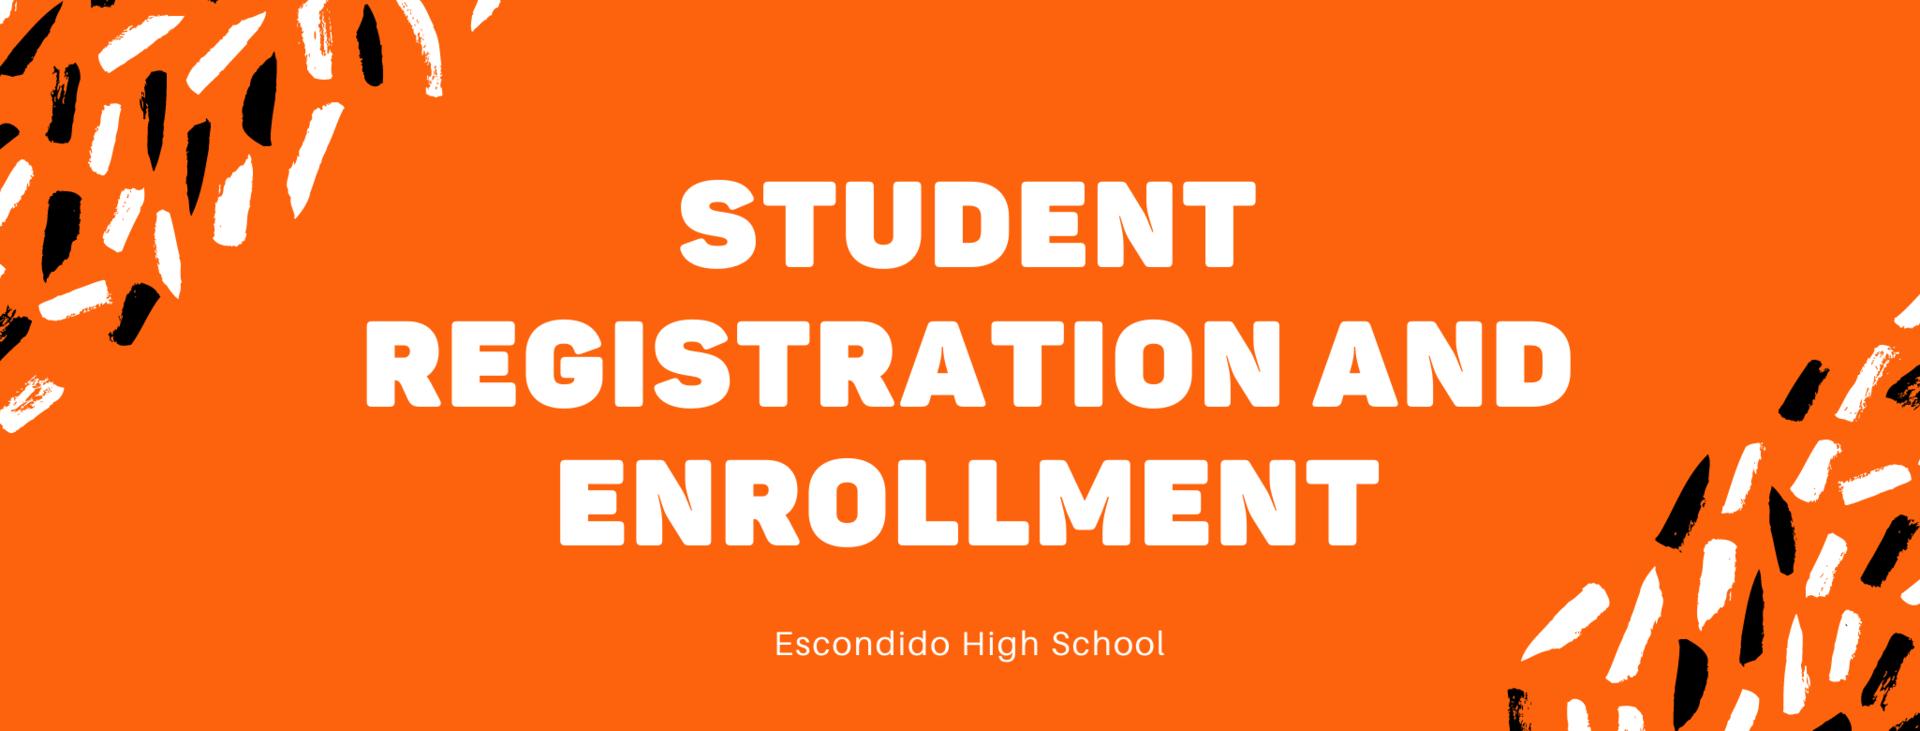 registration and enrollment